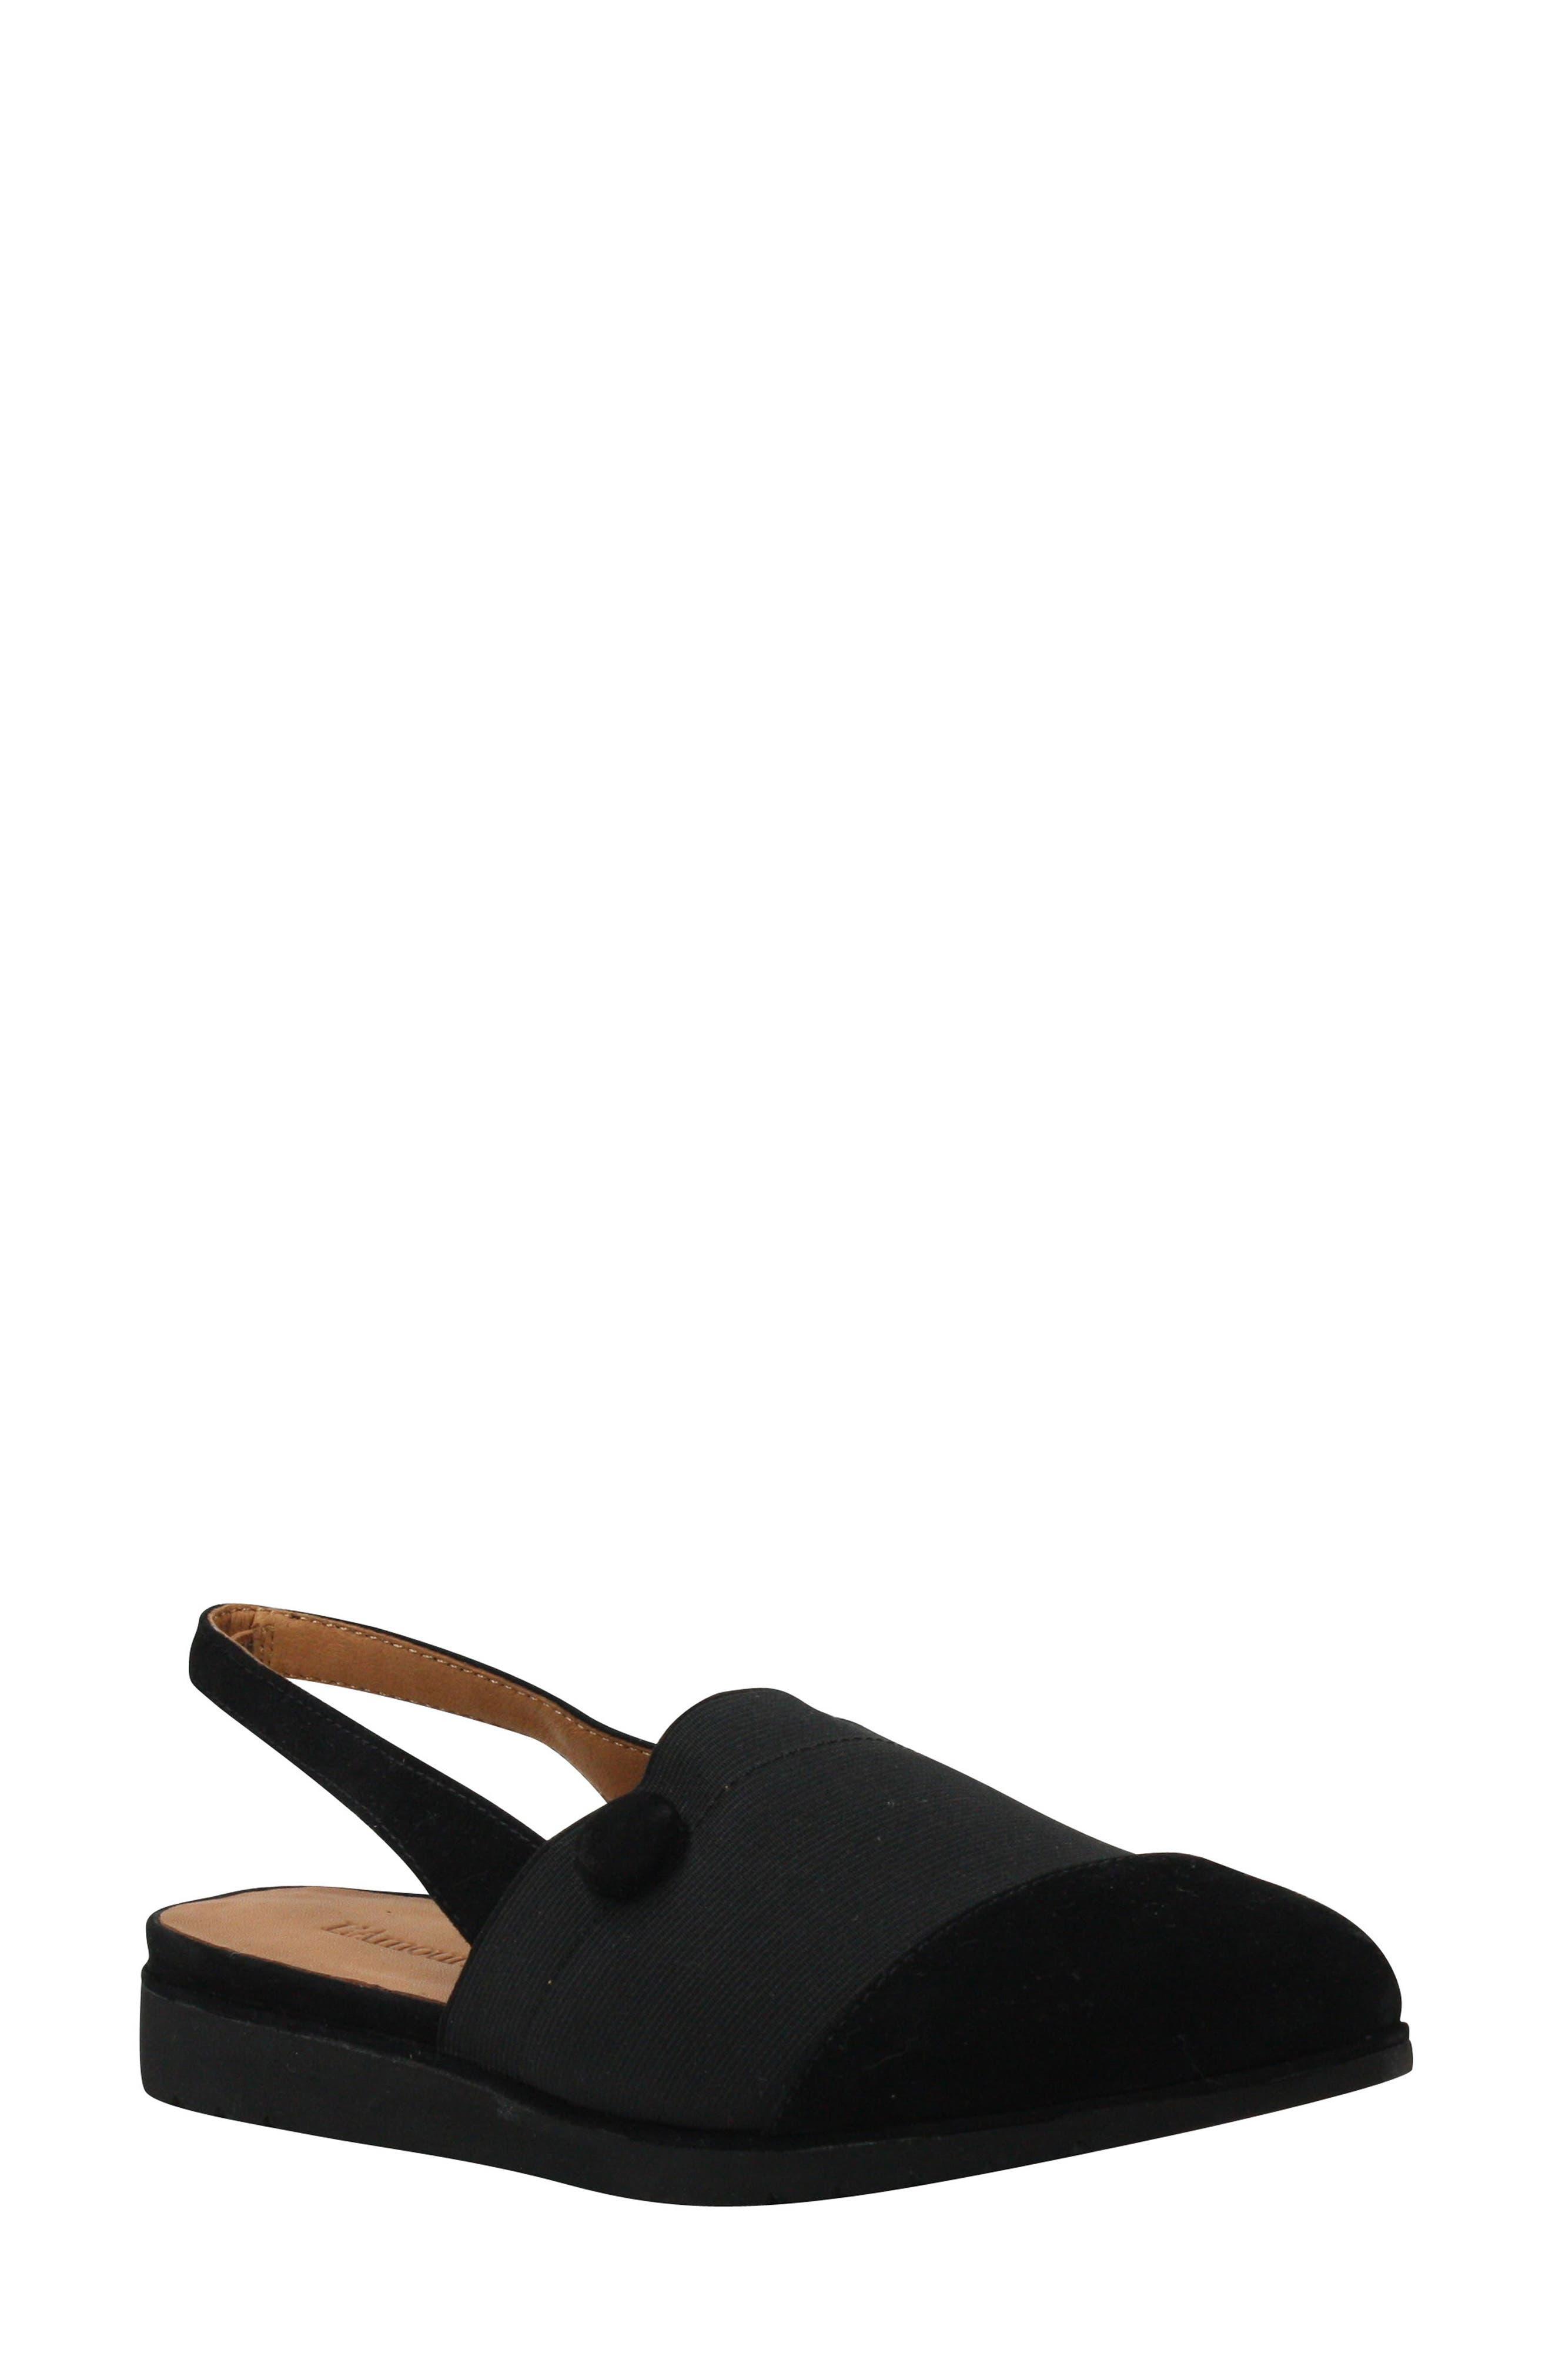 L'AMOUR DES PIEDS Marissah Slingback, Main, color, 001